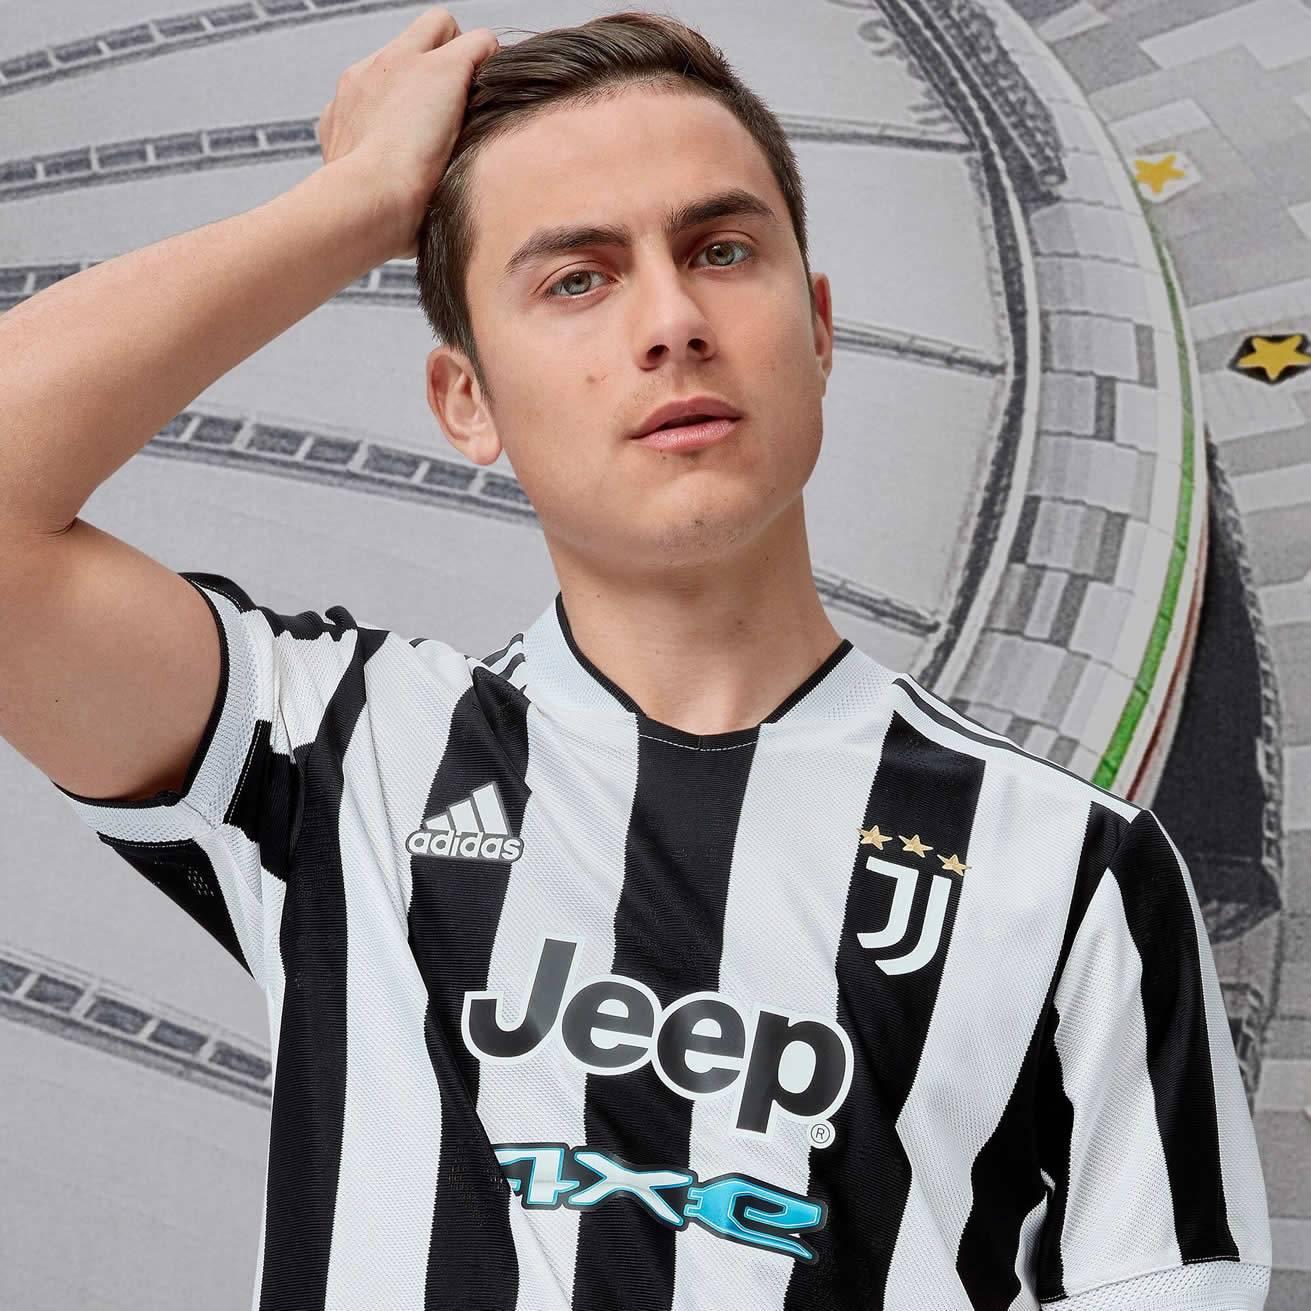 Paulo Dybala con la nueva camiseta adidas de la Juventus 2021/2022